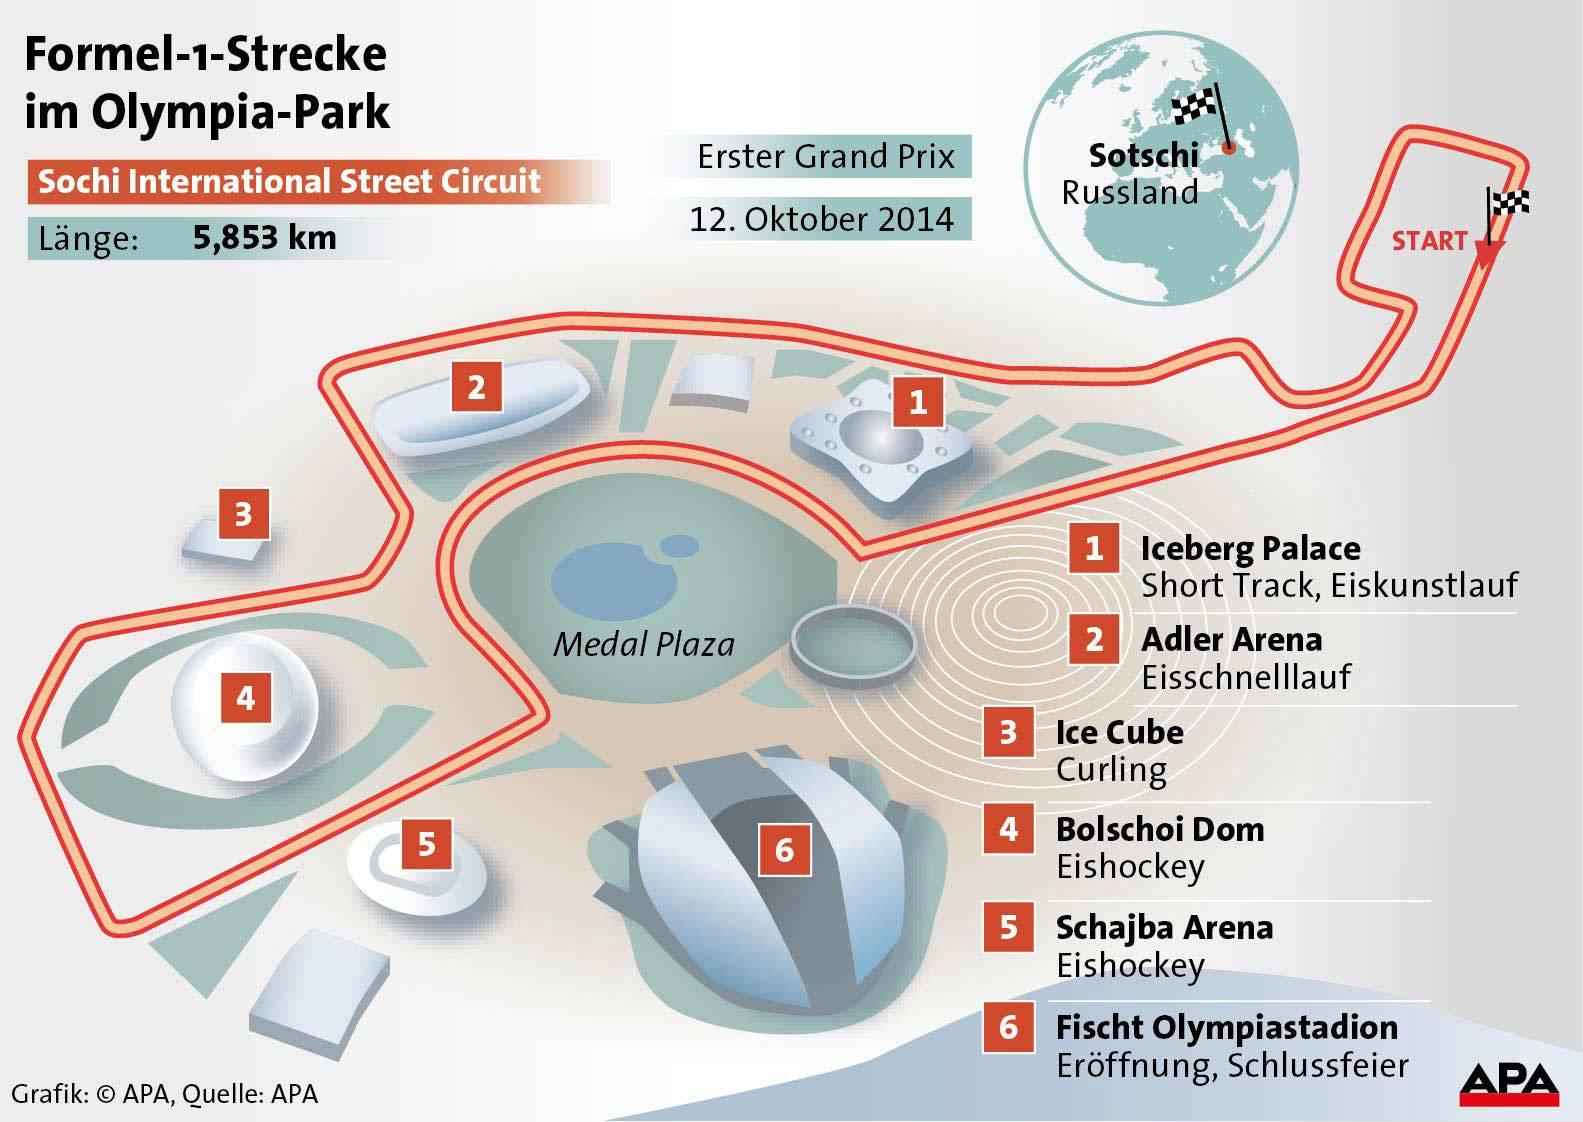 Formel 1 Rennstrecke Sotschi Russland